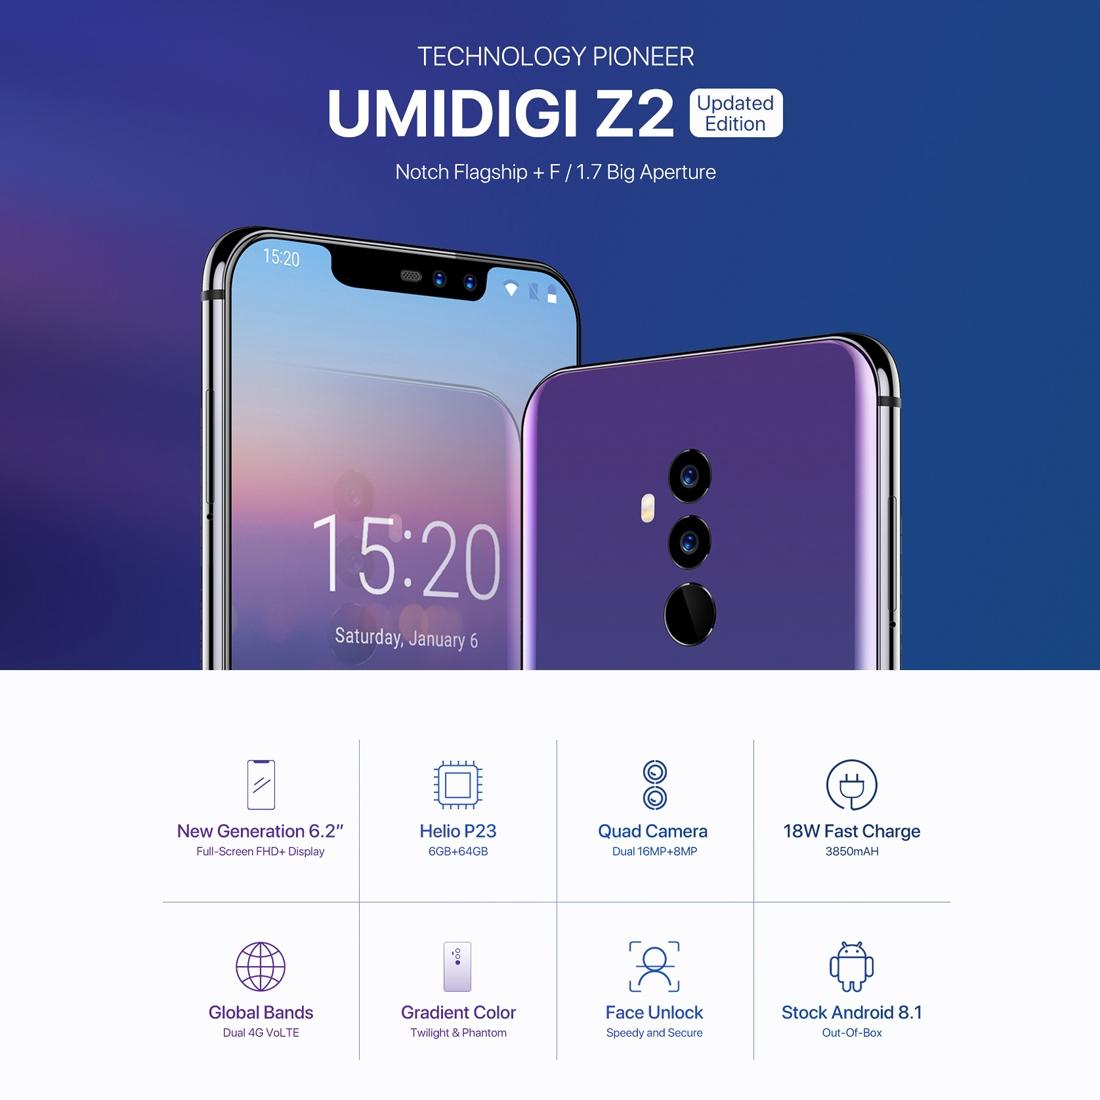 Смартфон UMIDIGI Z2  MTK6763 (Helio P23) 8 ядер 6GB+64GB Двойная задняя и передняя камера Разблокировка через Face ID и отпечаток пальца